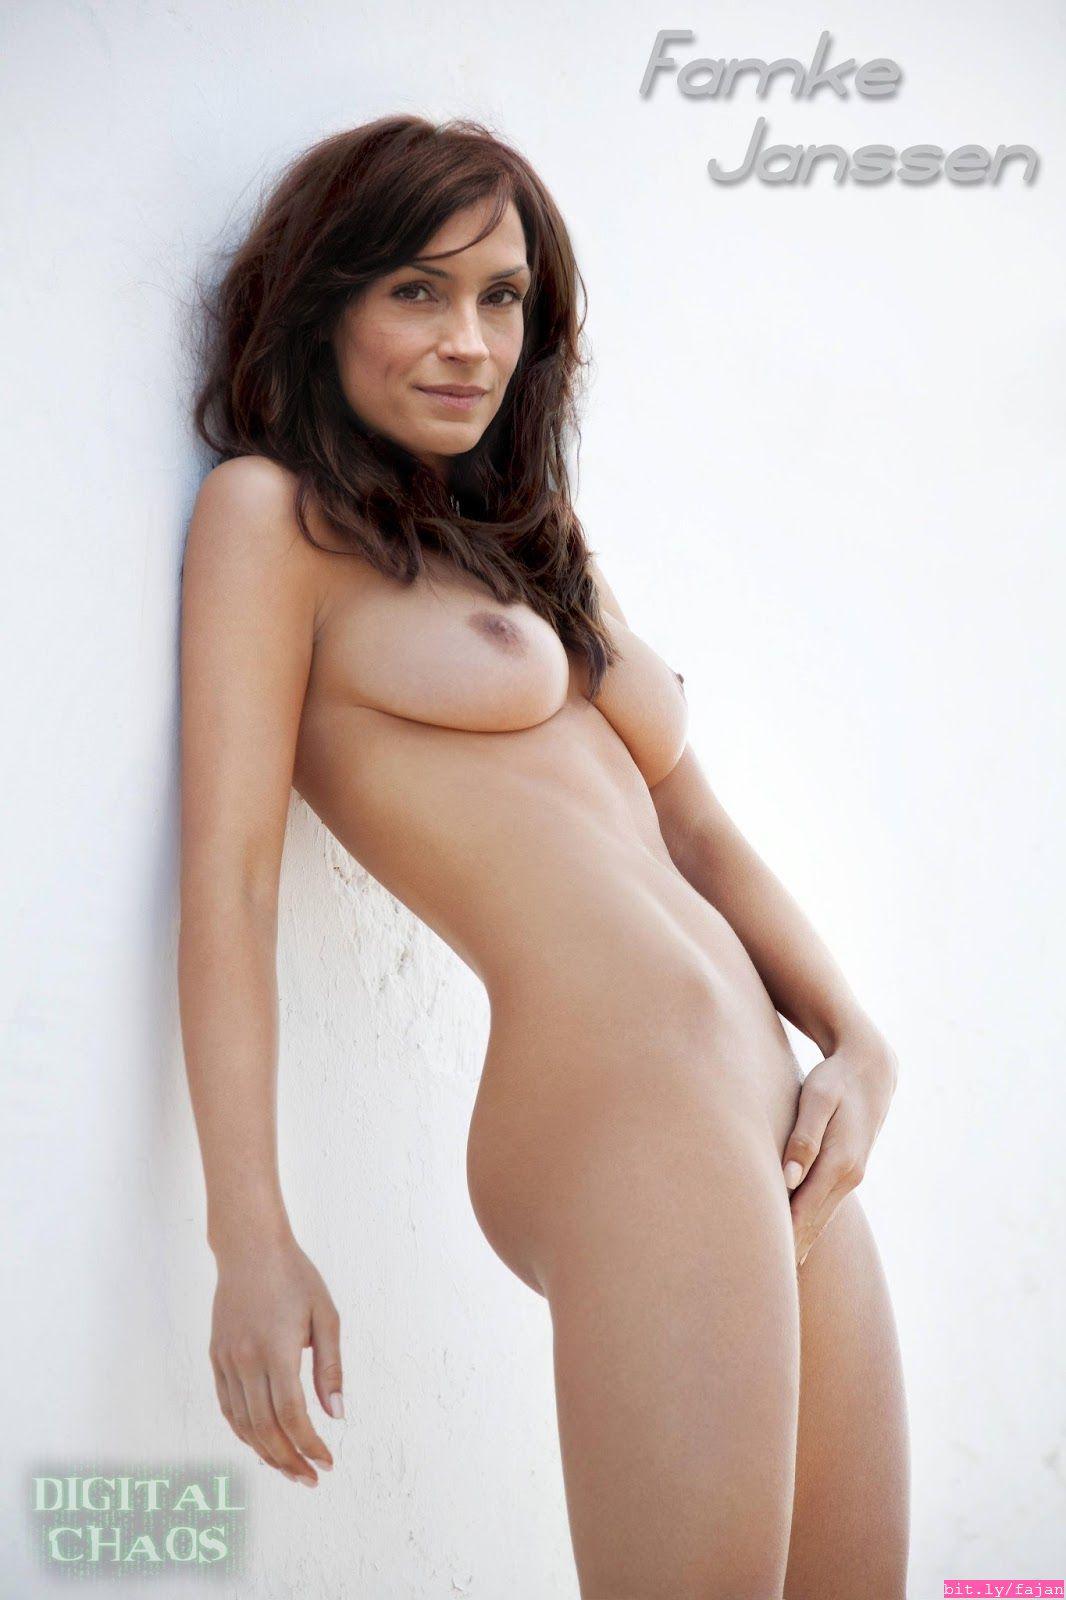 Janssen topless famke Famke Janssen,